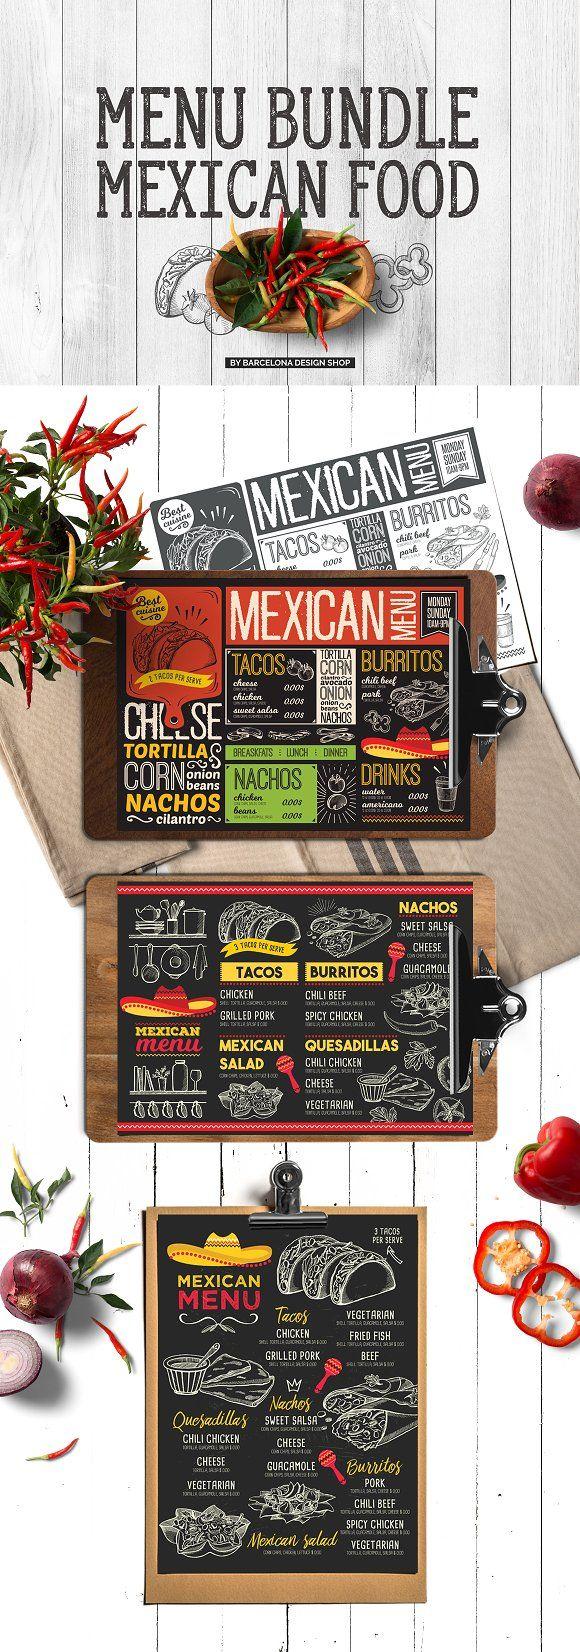 Mexican Food Menu Bundle by BarcelonaShop on @creativemarket